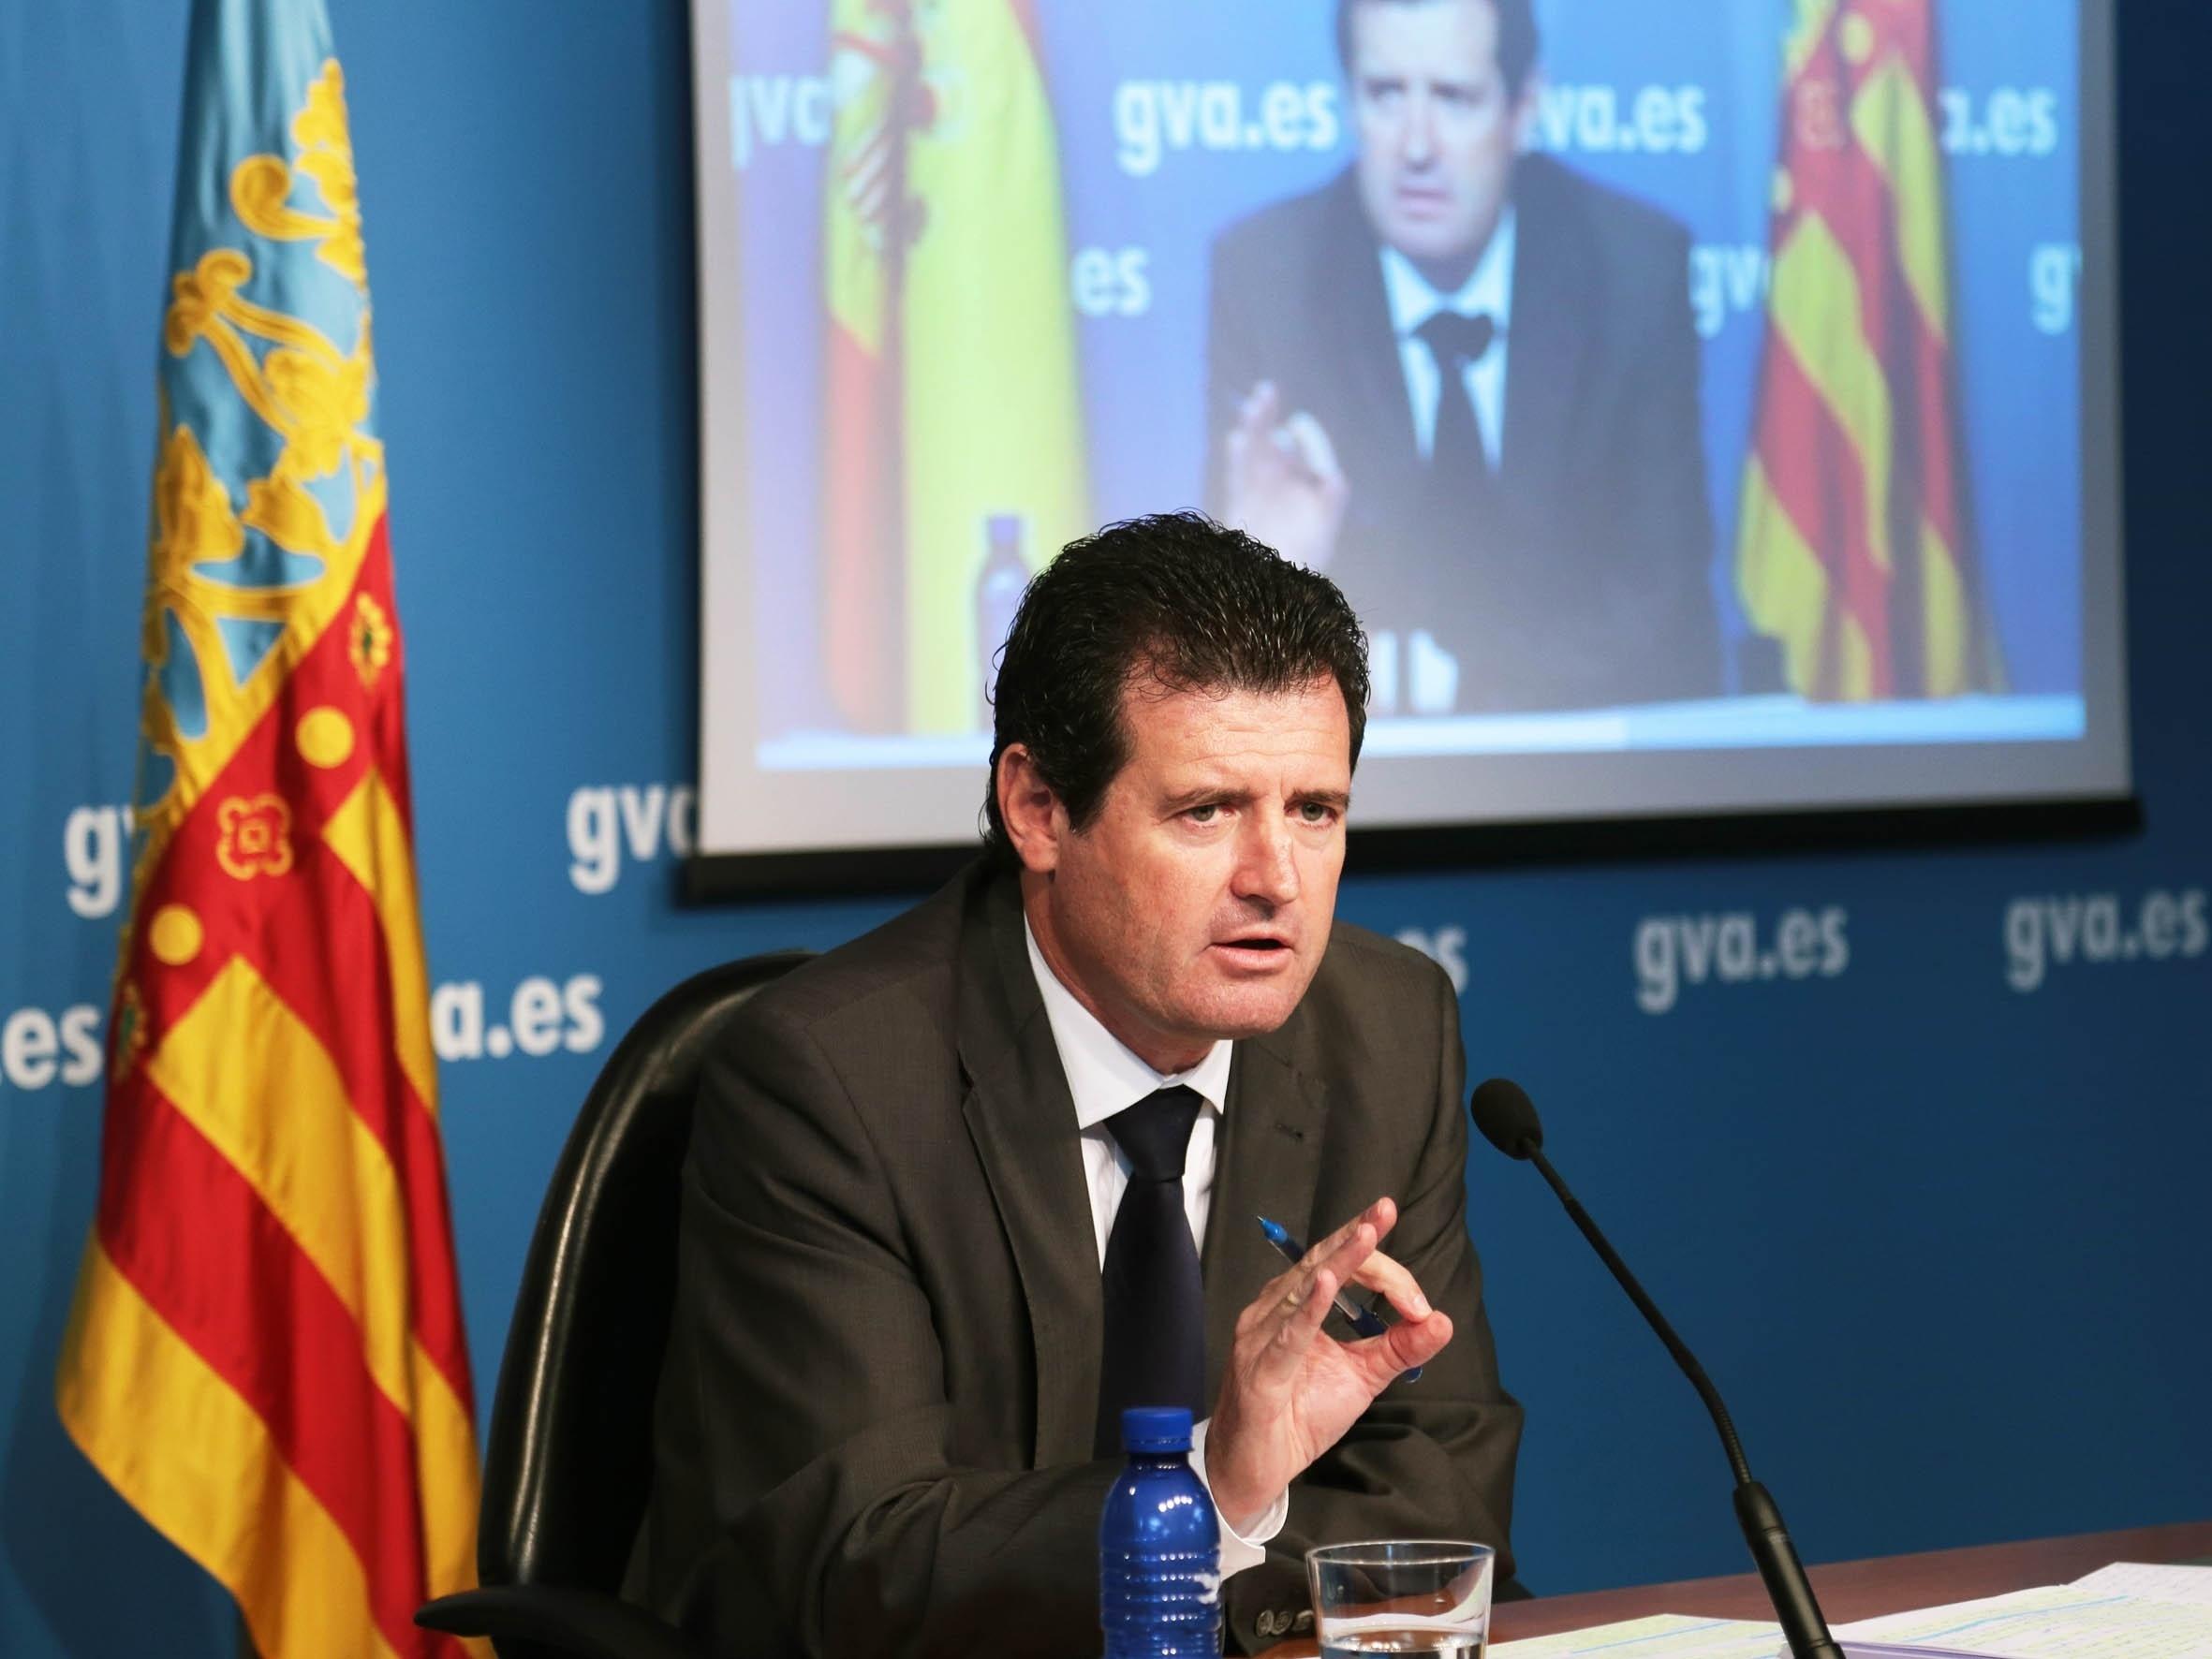 El vicepresidente valenciano dice que habla con el Gobierno catalán en valenciano porque es su lengua